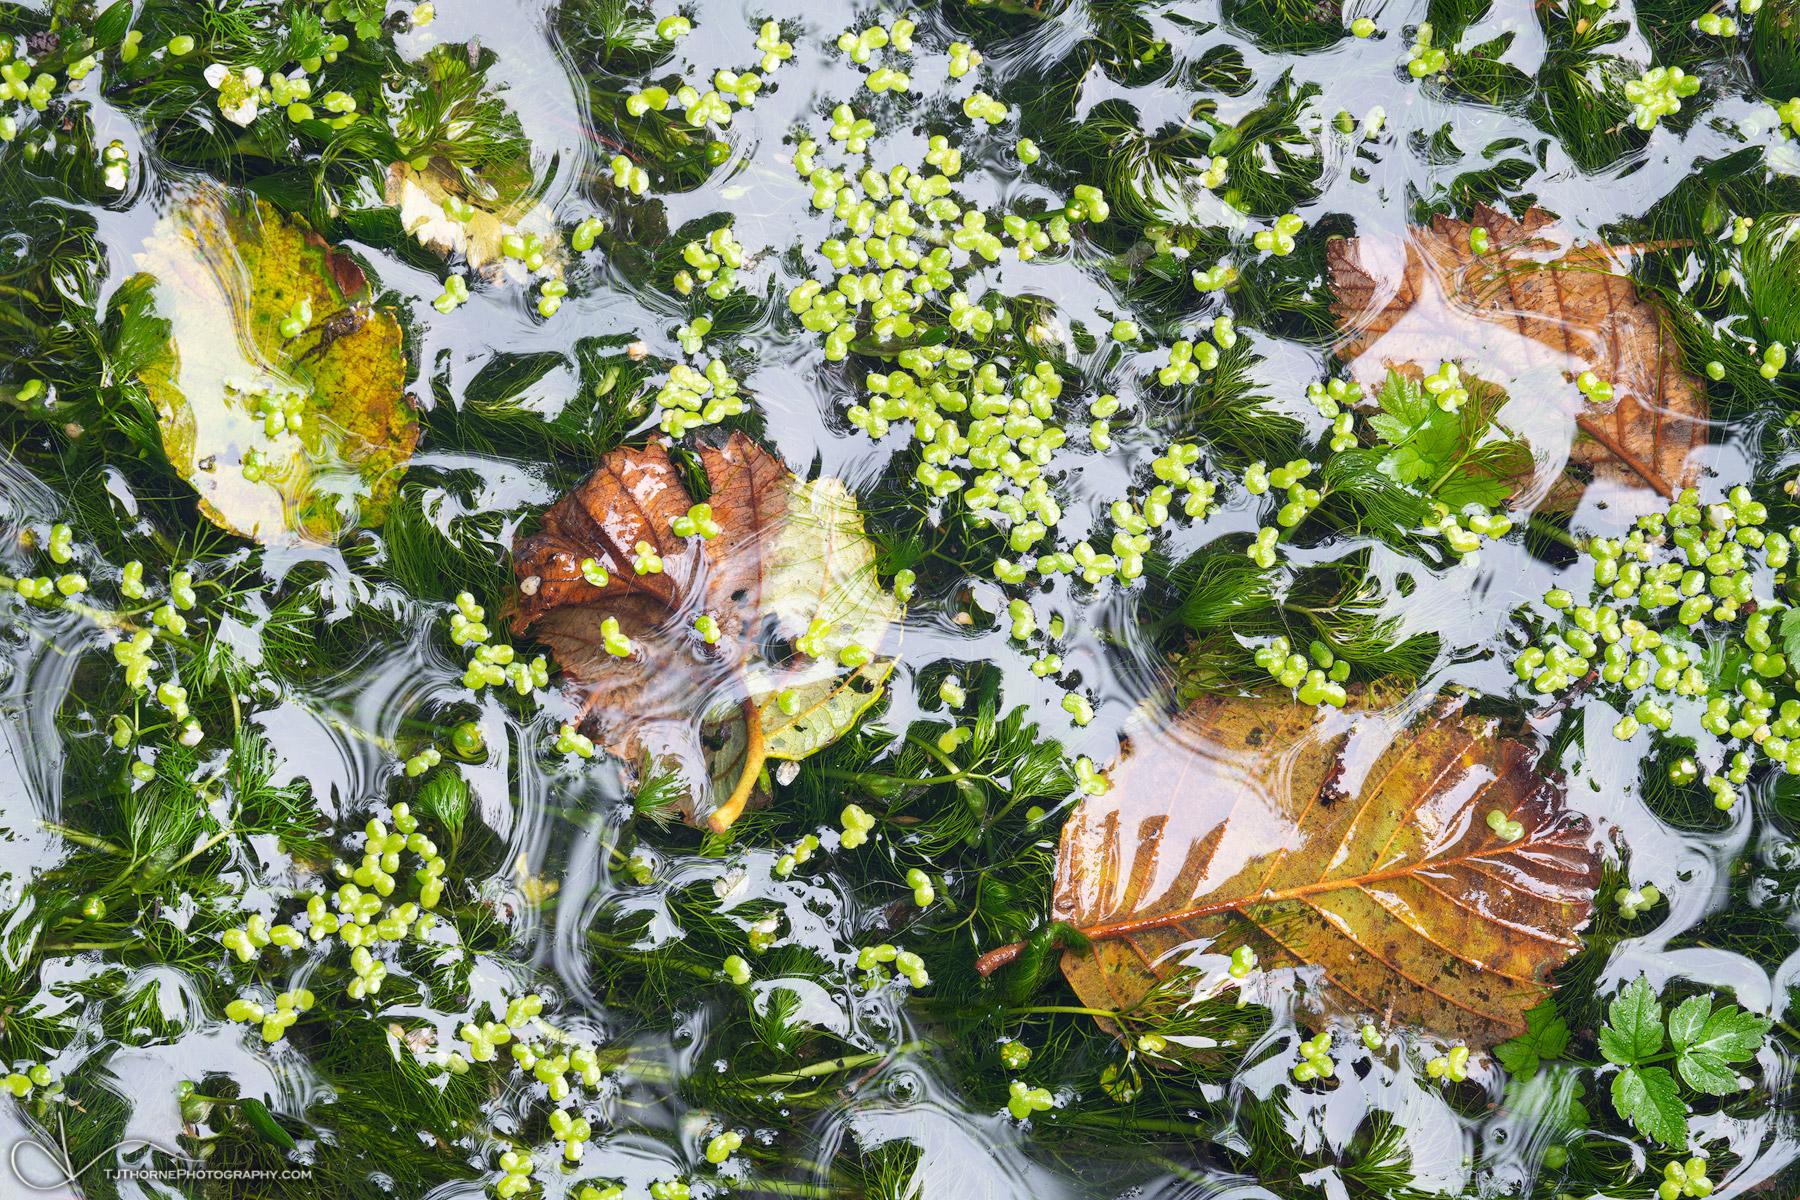 2020, horizontal, green, yellow, white, plants, flora, pond, photo